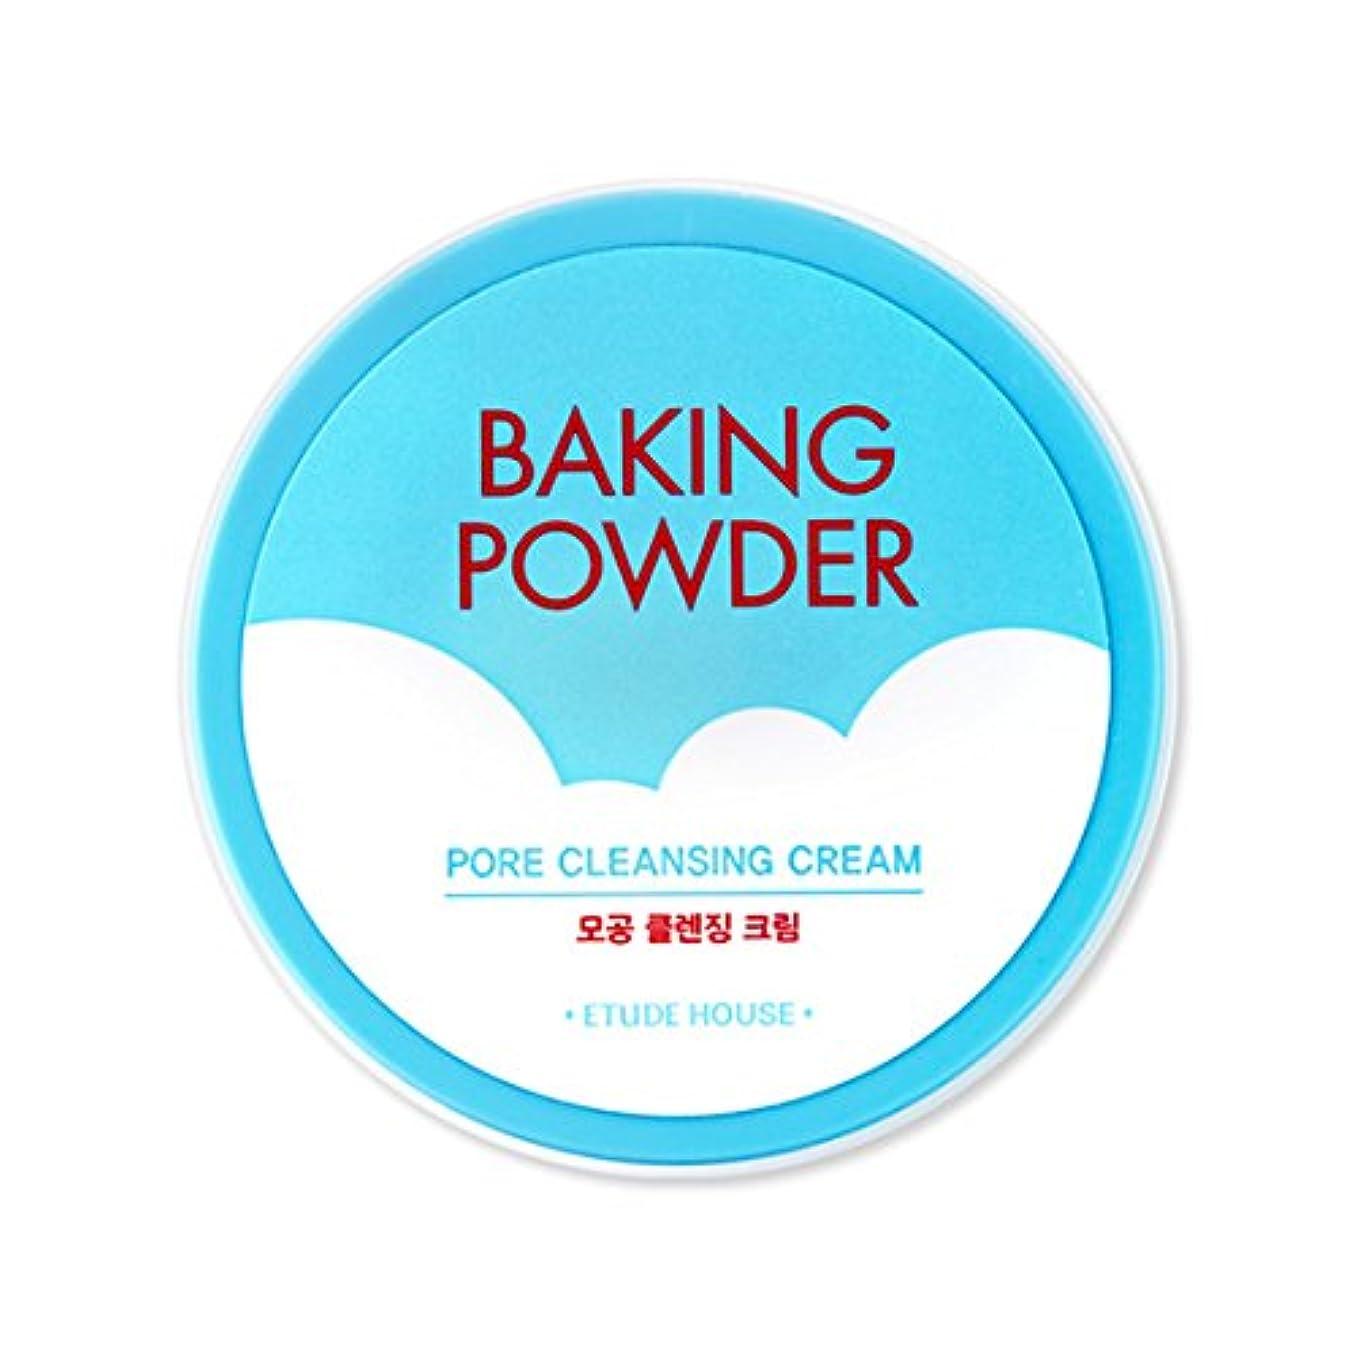 クラス助言する織る[2016 Upgrade!] ETUDE HOUSE Baking Powder Pore Cleansing Cream 180ml/エチュードハウス ベーキング パウダー ポア クレンジング クリーム 180ml...